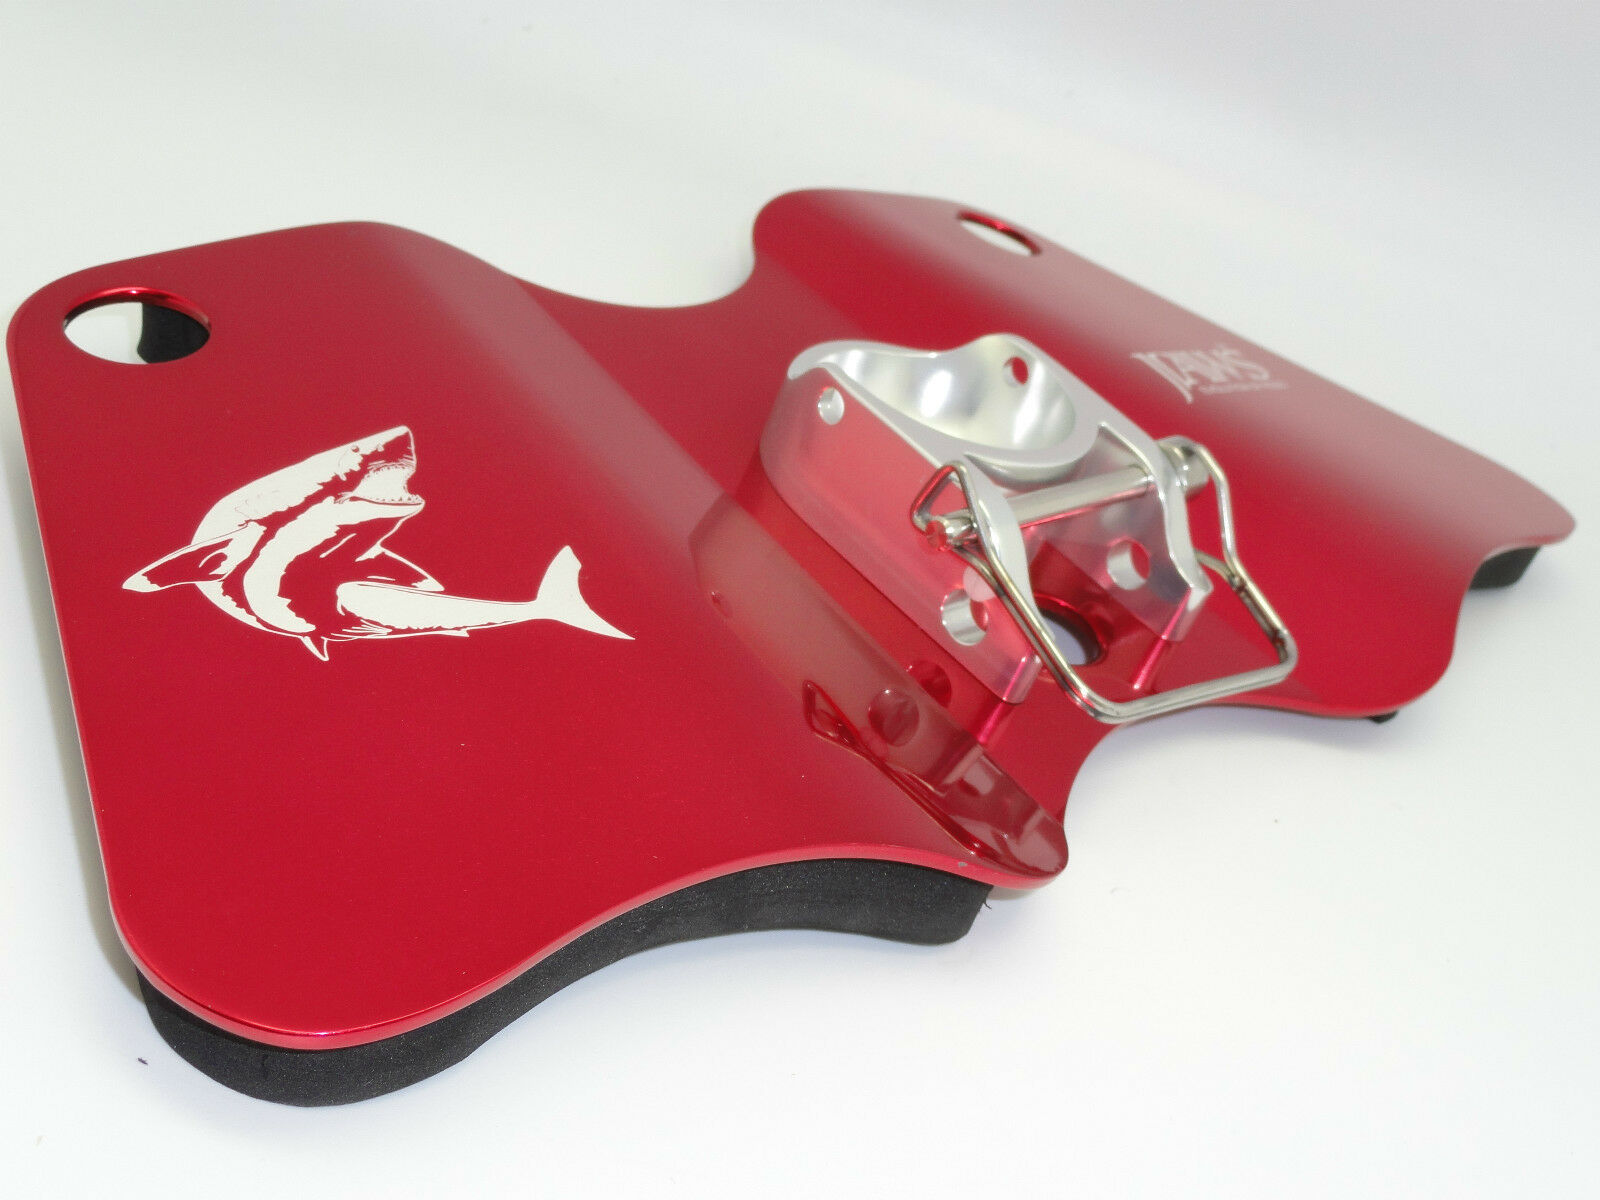 Mandíbulas de aluminio Dual Play Cardán Jigging Pad Placa para gran juego de pesca Rojo Plata